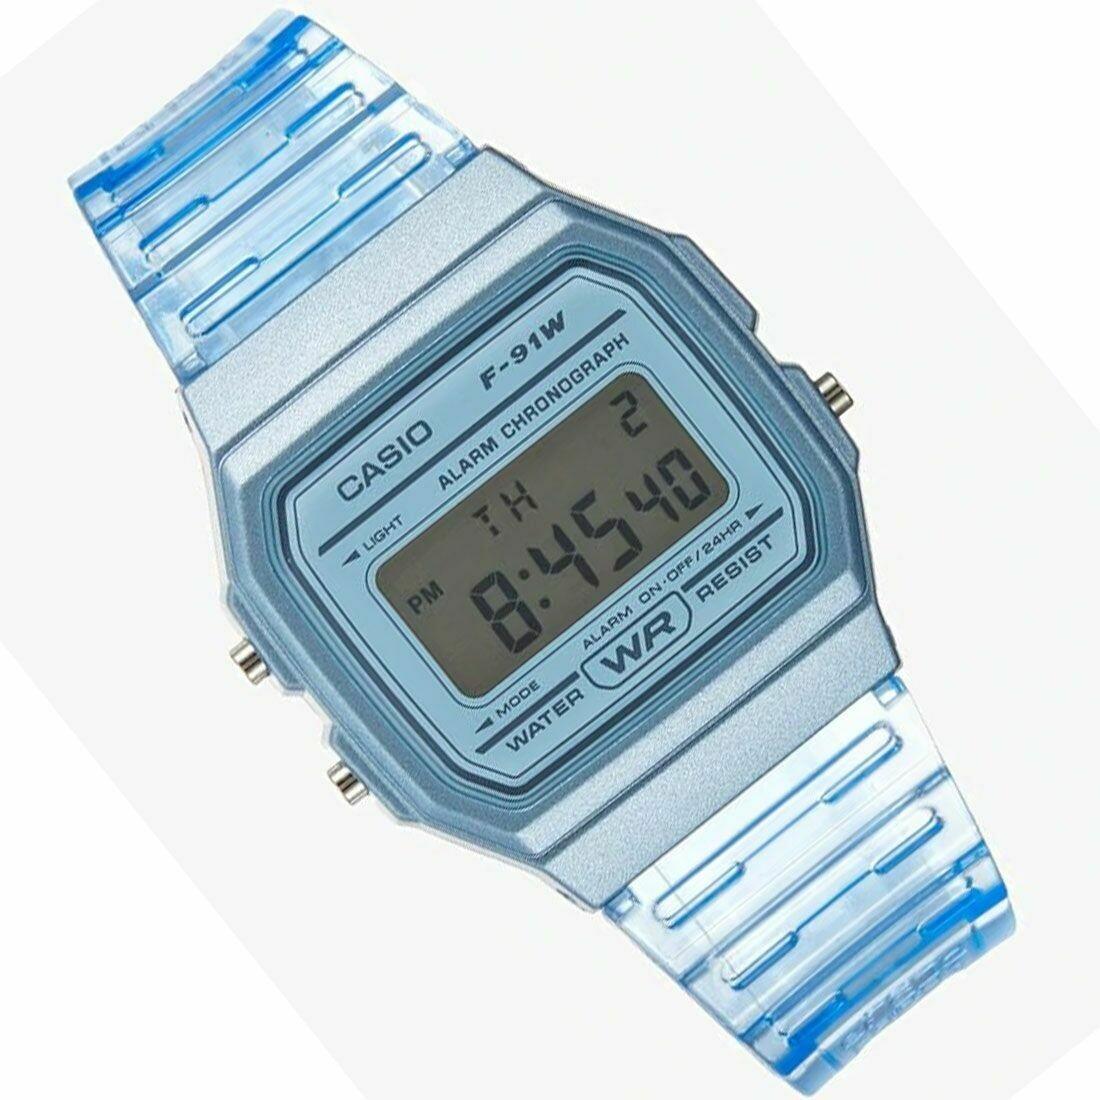 Reloj Clásico Casio F91WS-2 Azul correa resina 7 años batería alarma cronómetro